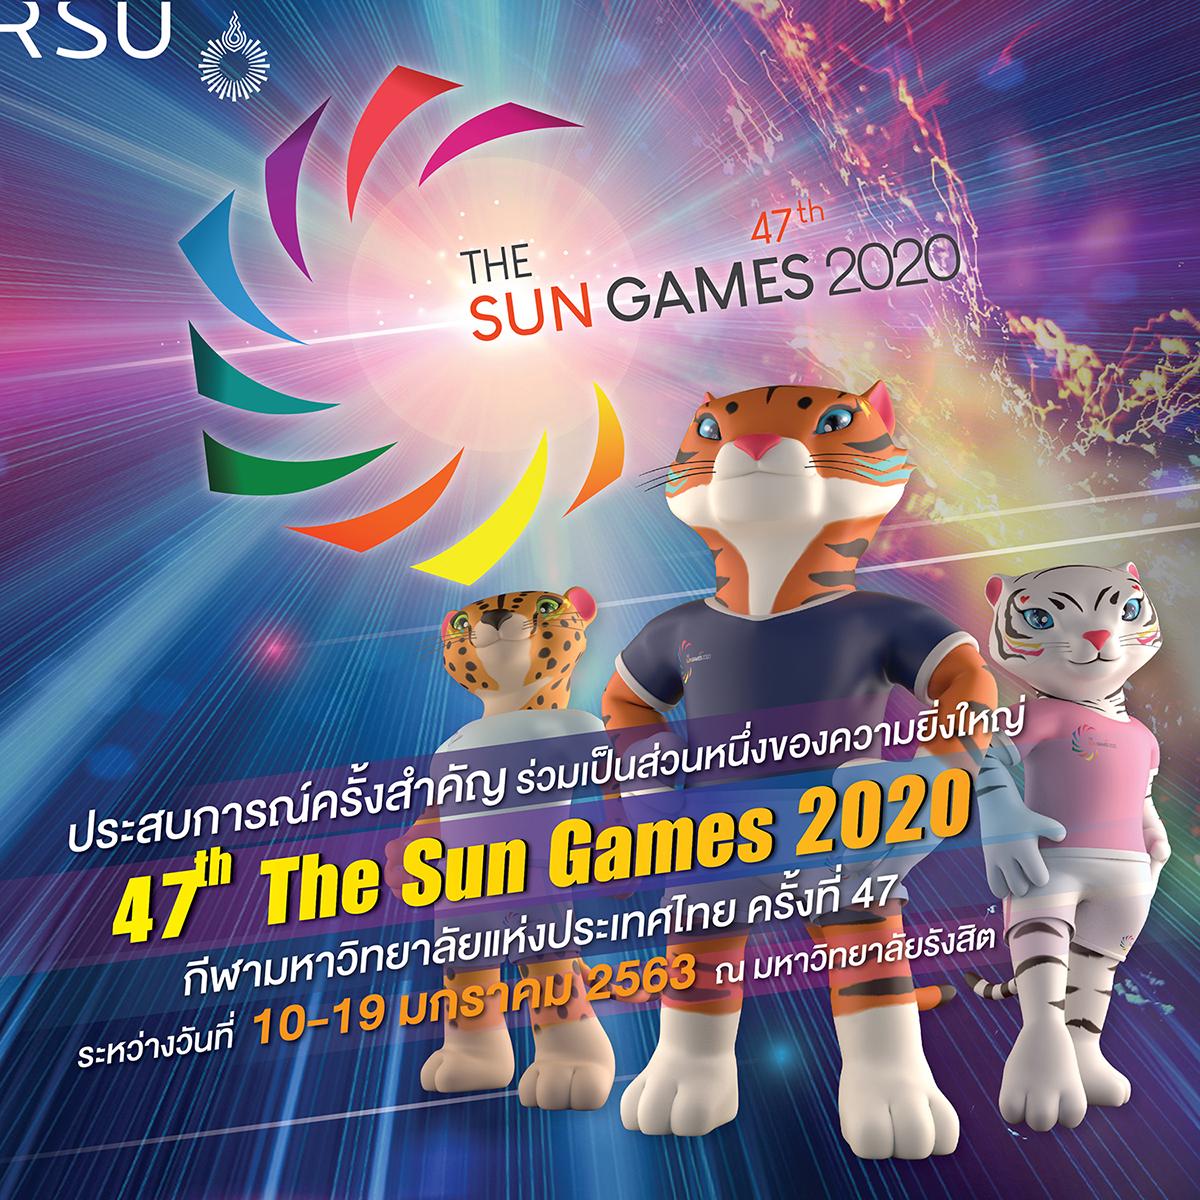 """ม.รังสิต ลั่นพร้อมรับทัพนักกีฬา ยิ่งใหญ่ จาก 120 สถาบันทั่วประเทศ ในกีฬามหาวิทยาลัยแห่งประเทศไทย ครั้งที่ 47 """"The Sun Games"""""""